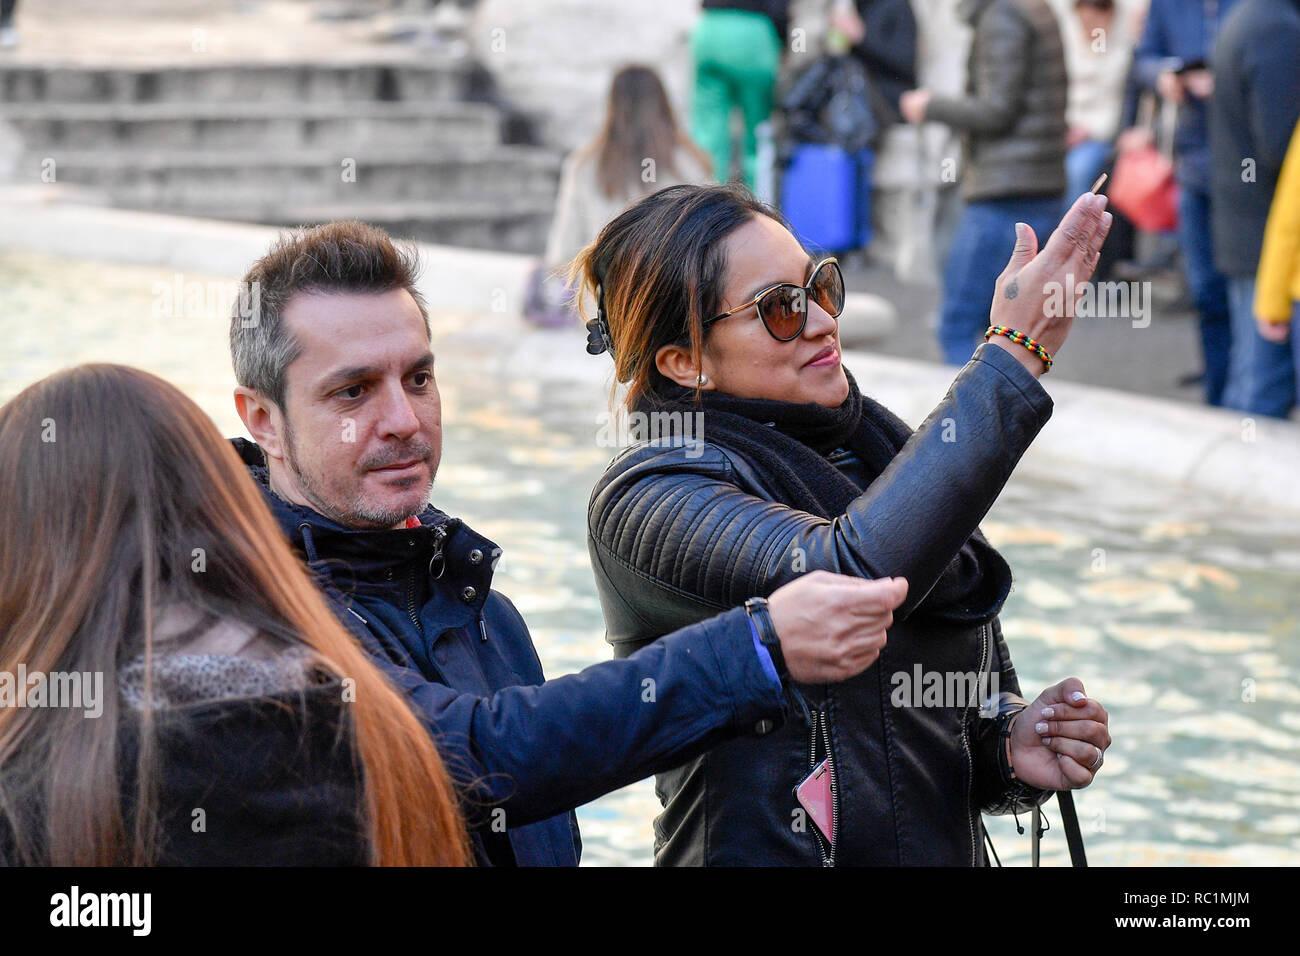 Foto Fabrizio Corradetti/LaPresse 13 gennaio 2019 Roma, Italia  Cronaca Fontana di Trevi Nella foto: Turista lancia una moneta nella fontana Stock Photo